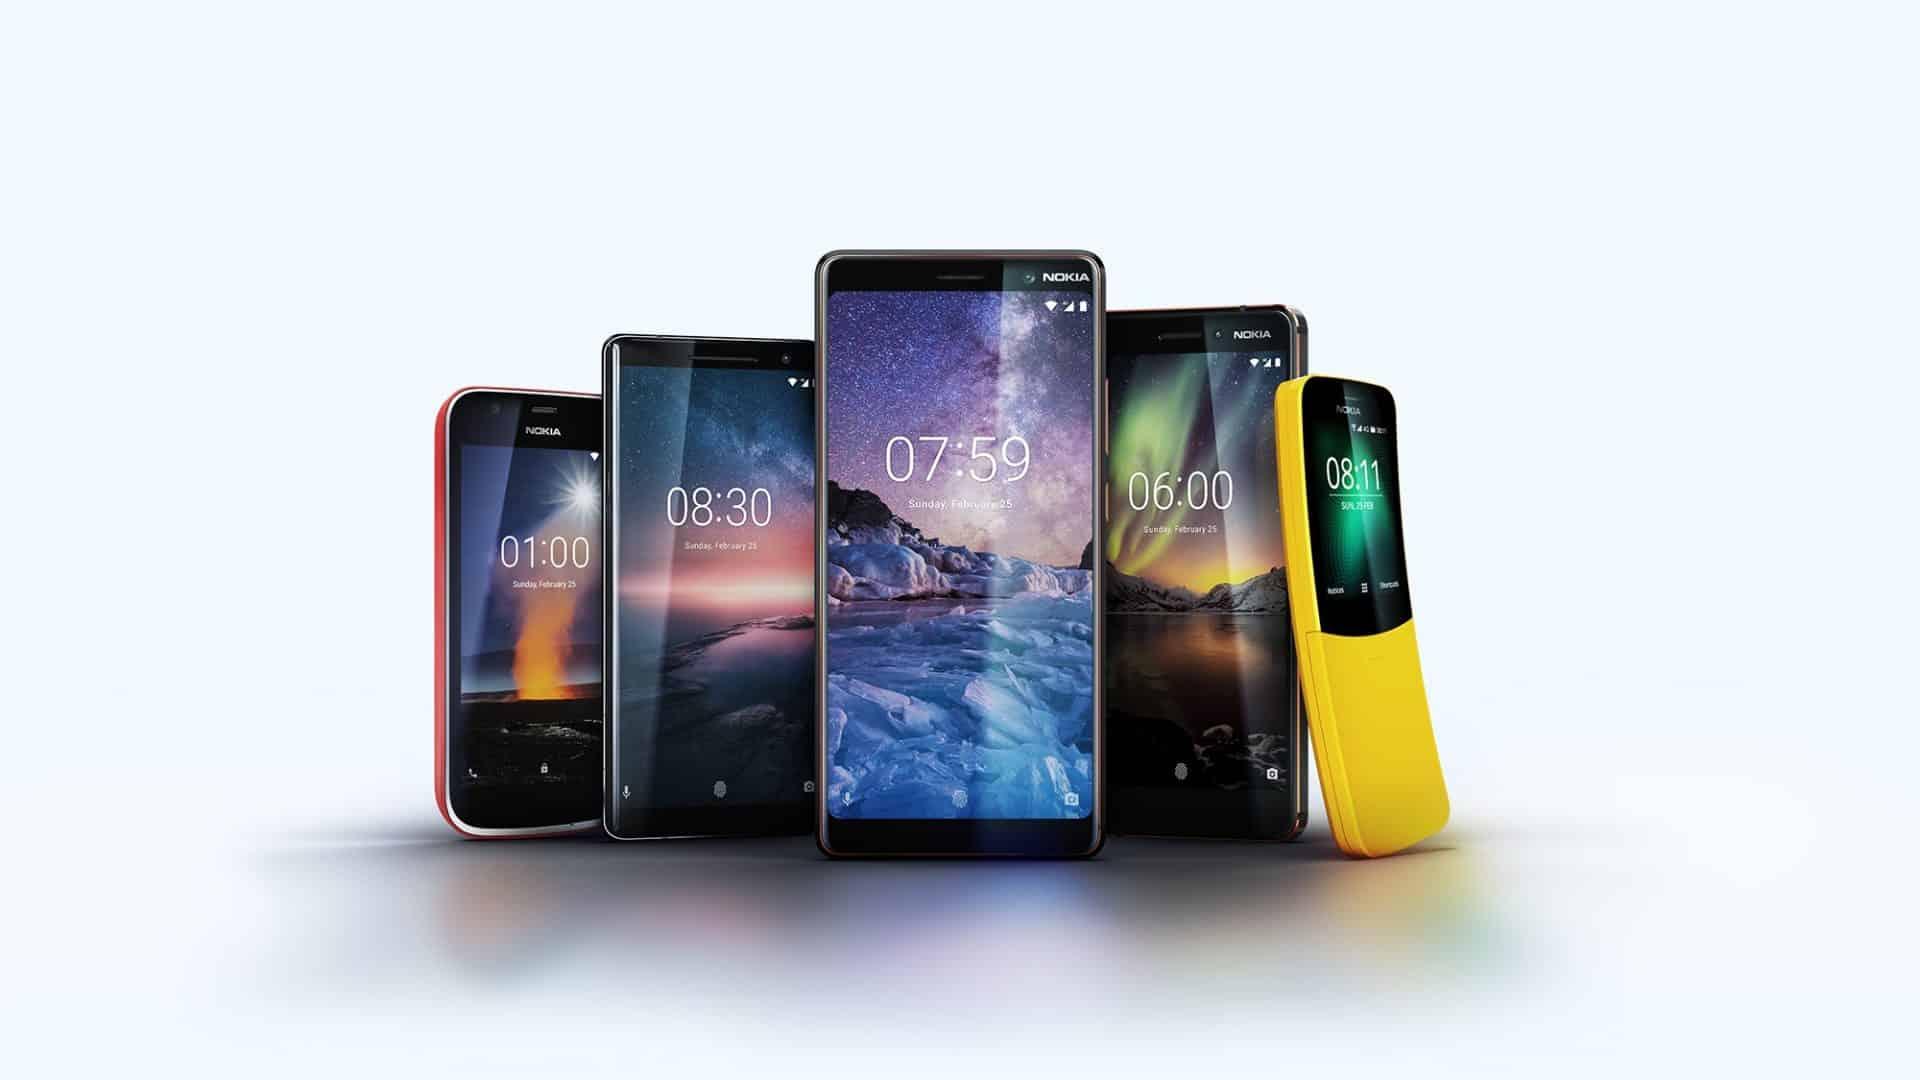 Nokia 1 aktuálně cenově nejdostupnější model v prodeji: HMD Global